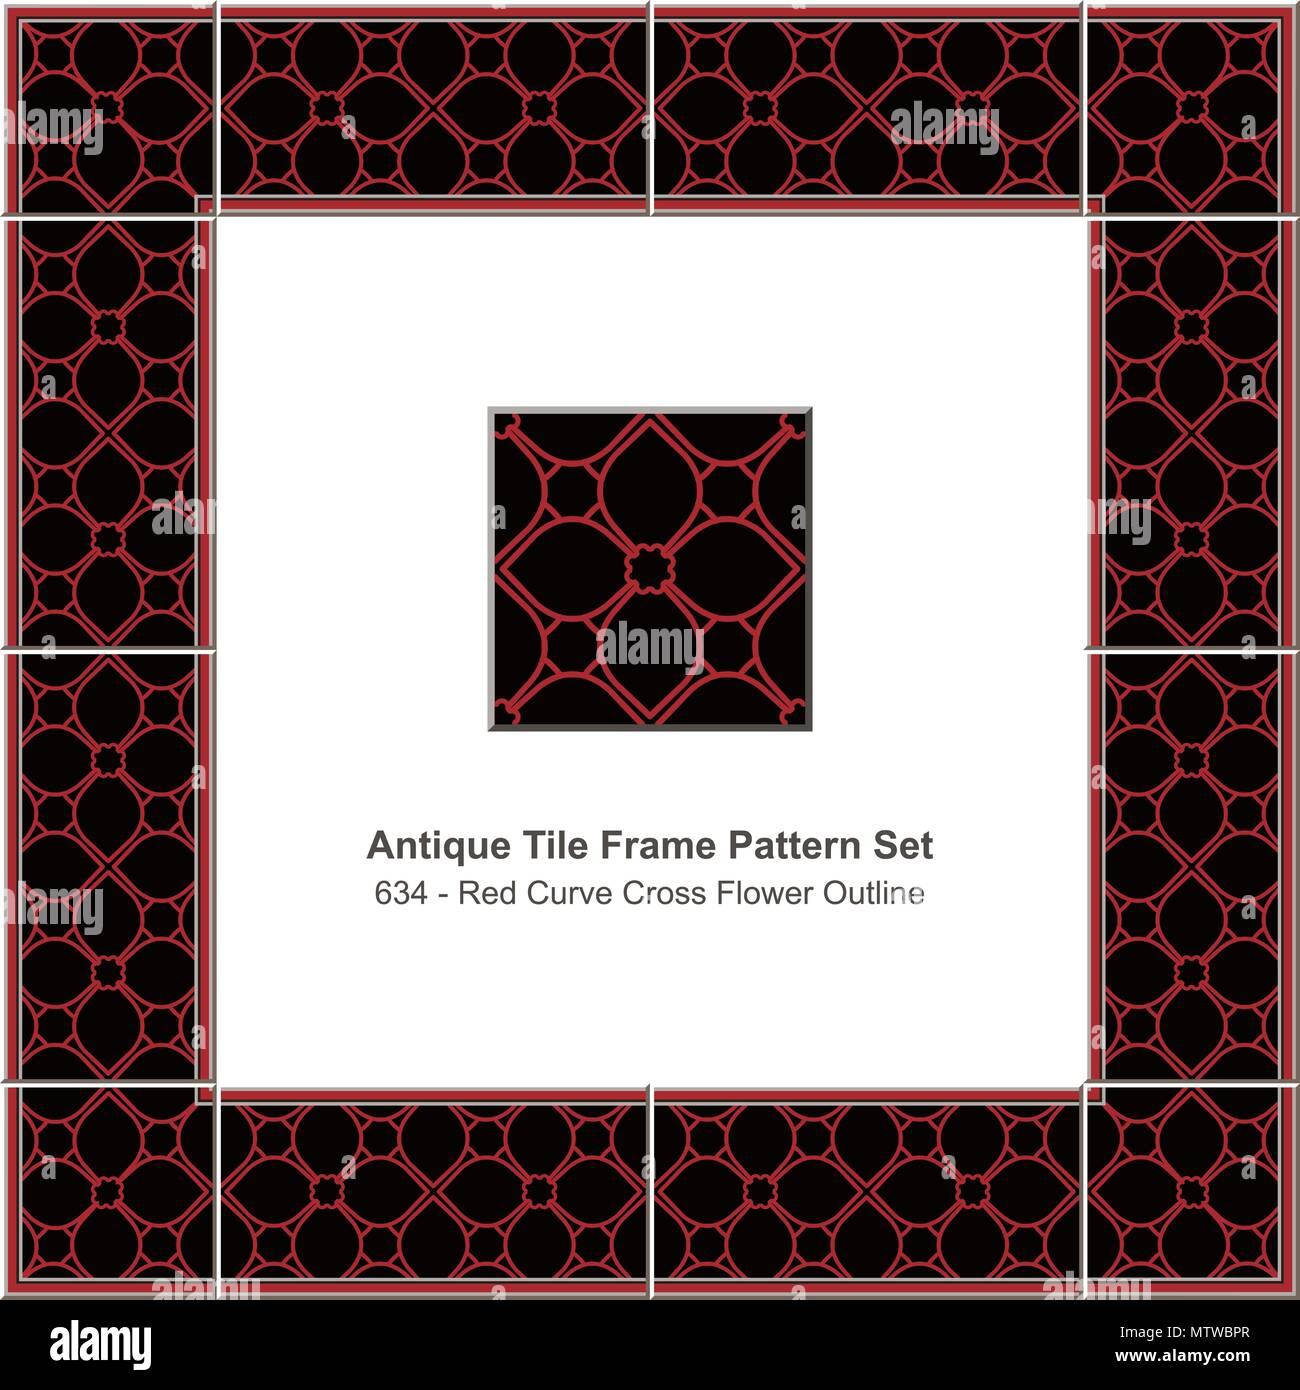 antique tile frame pattern set red curve cross flower outline